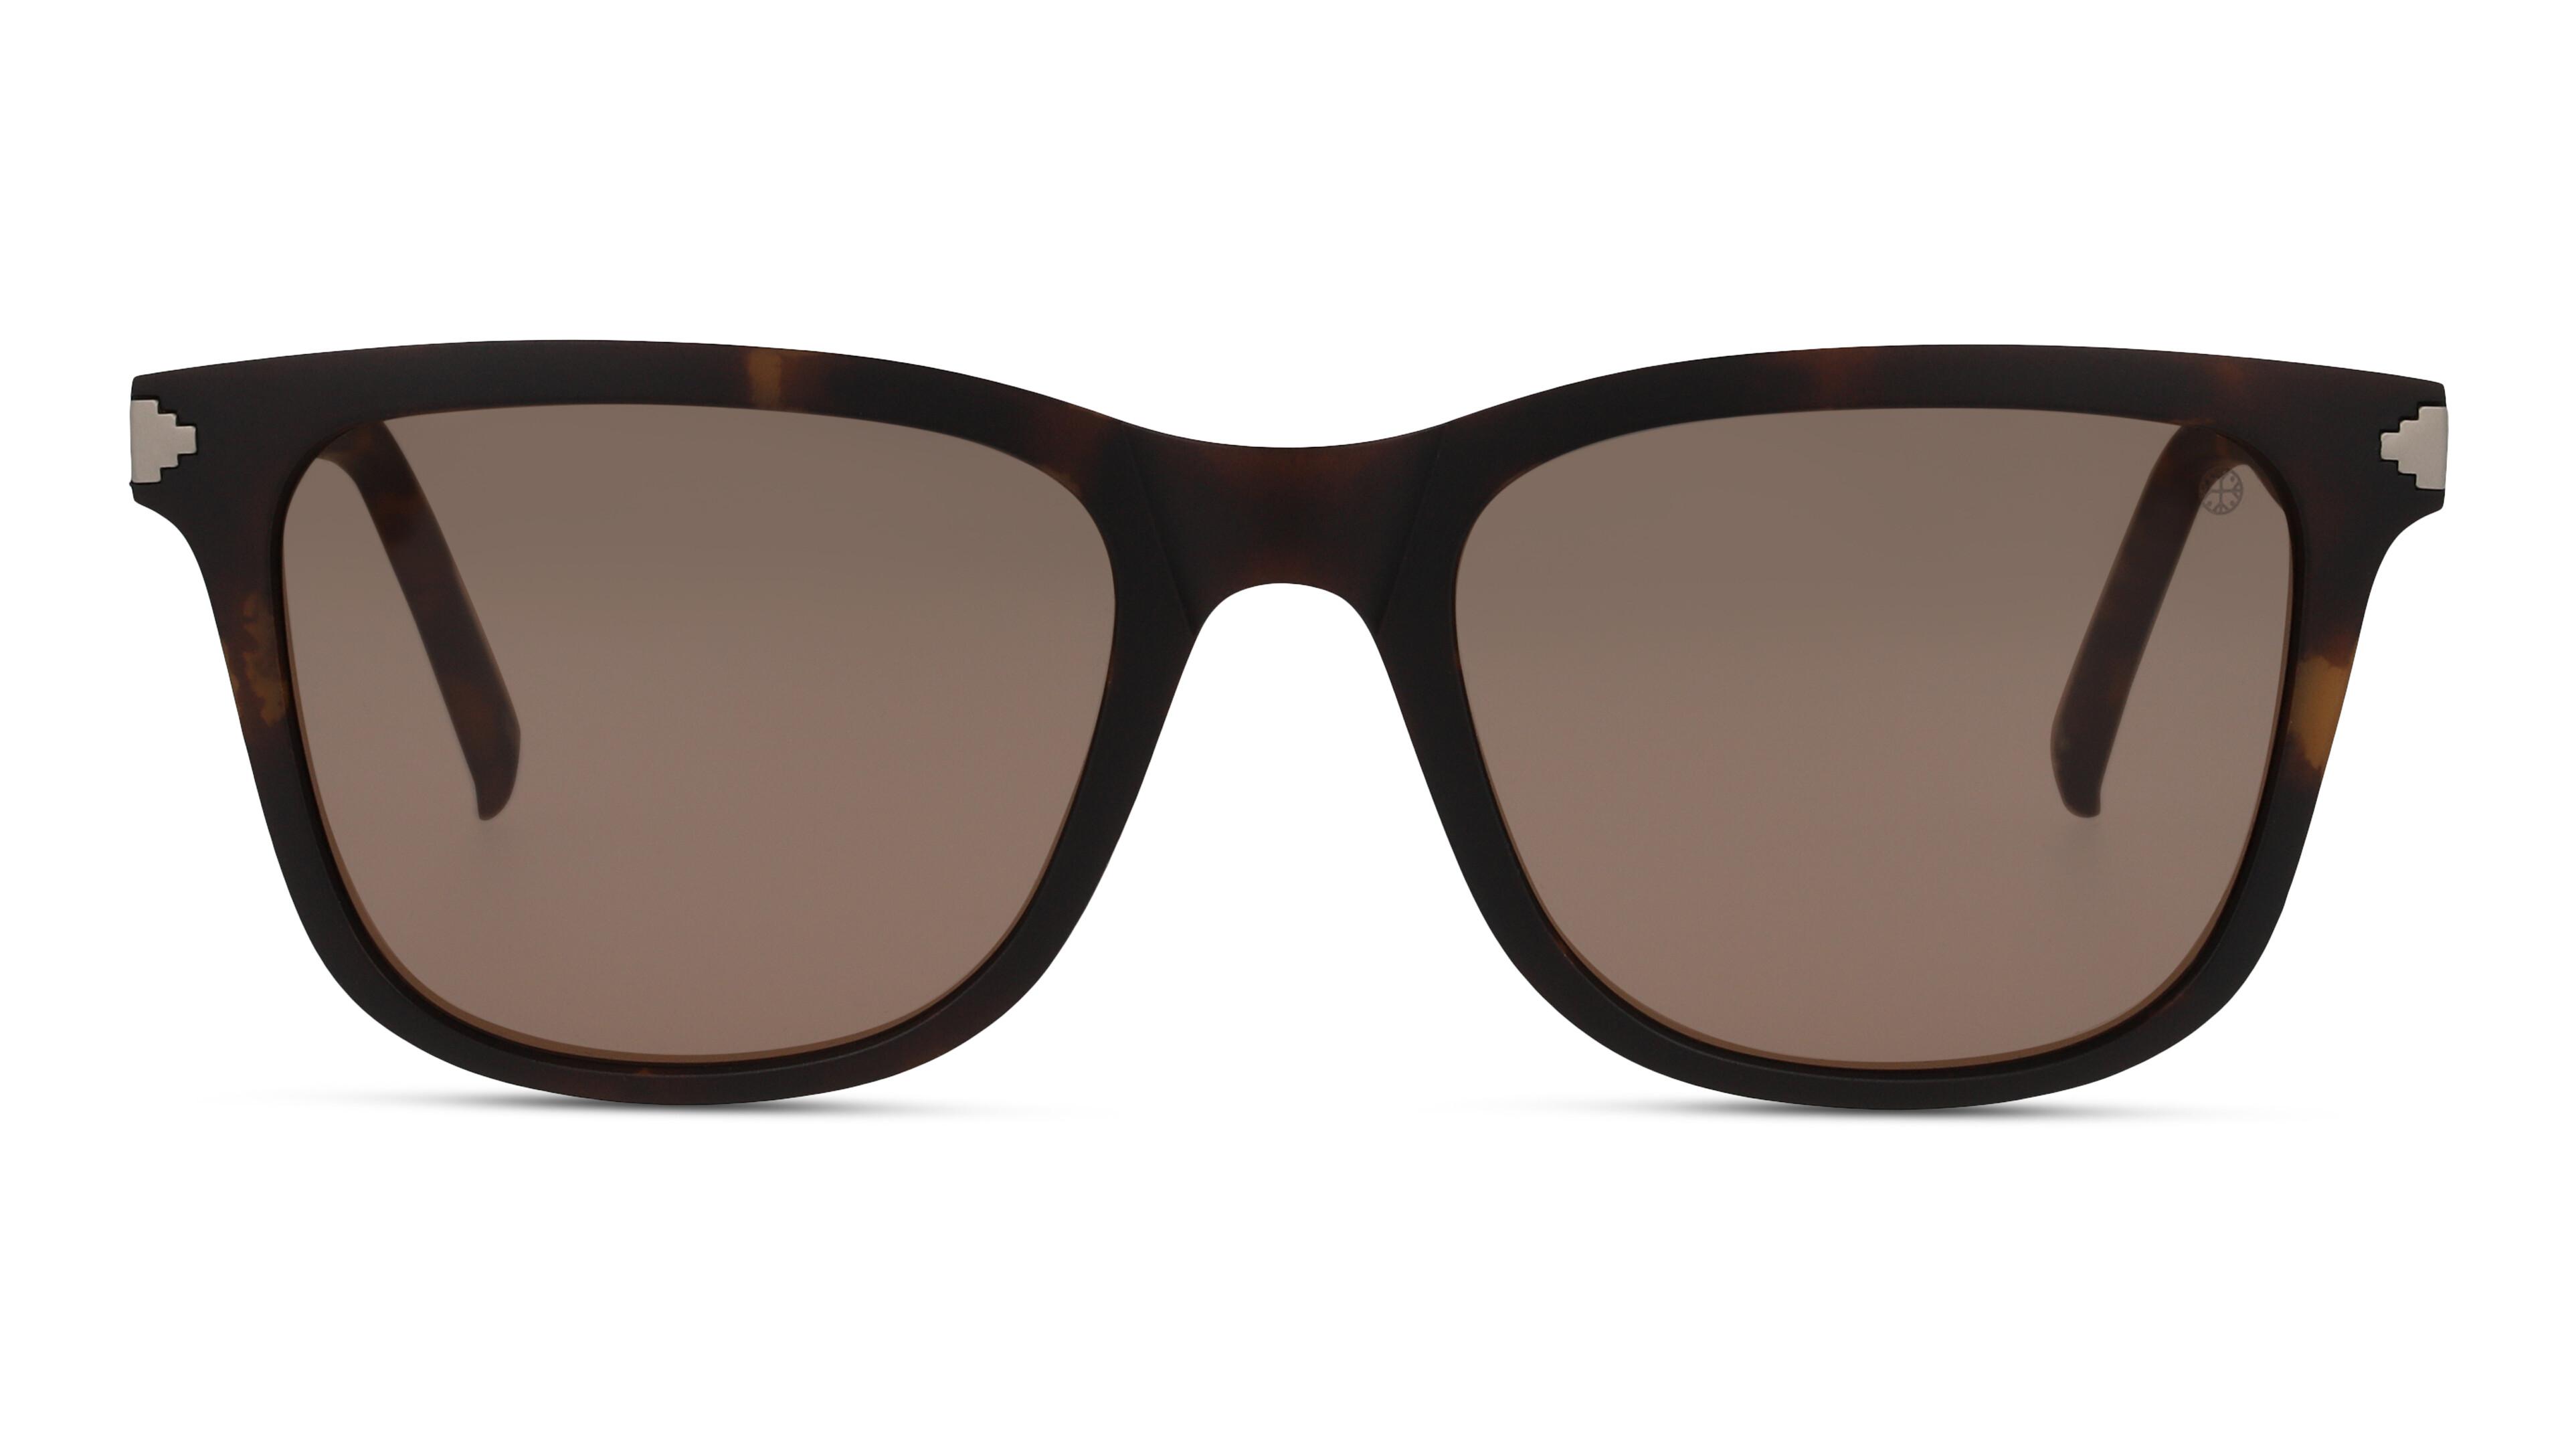 5060486615704-front-sonnenbrille-karun-kaus0063-havana-brown